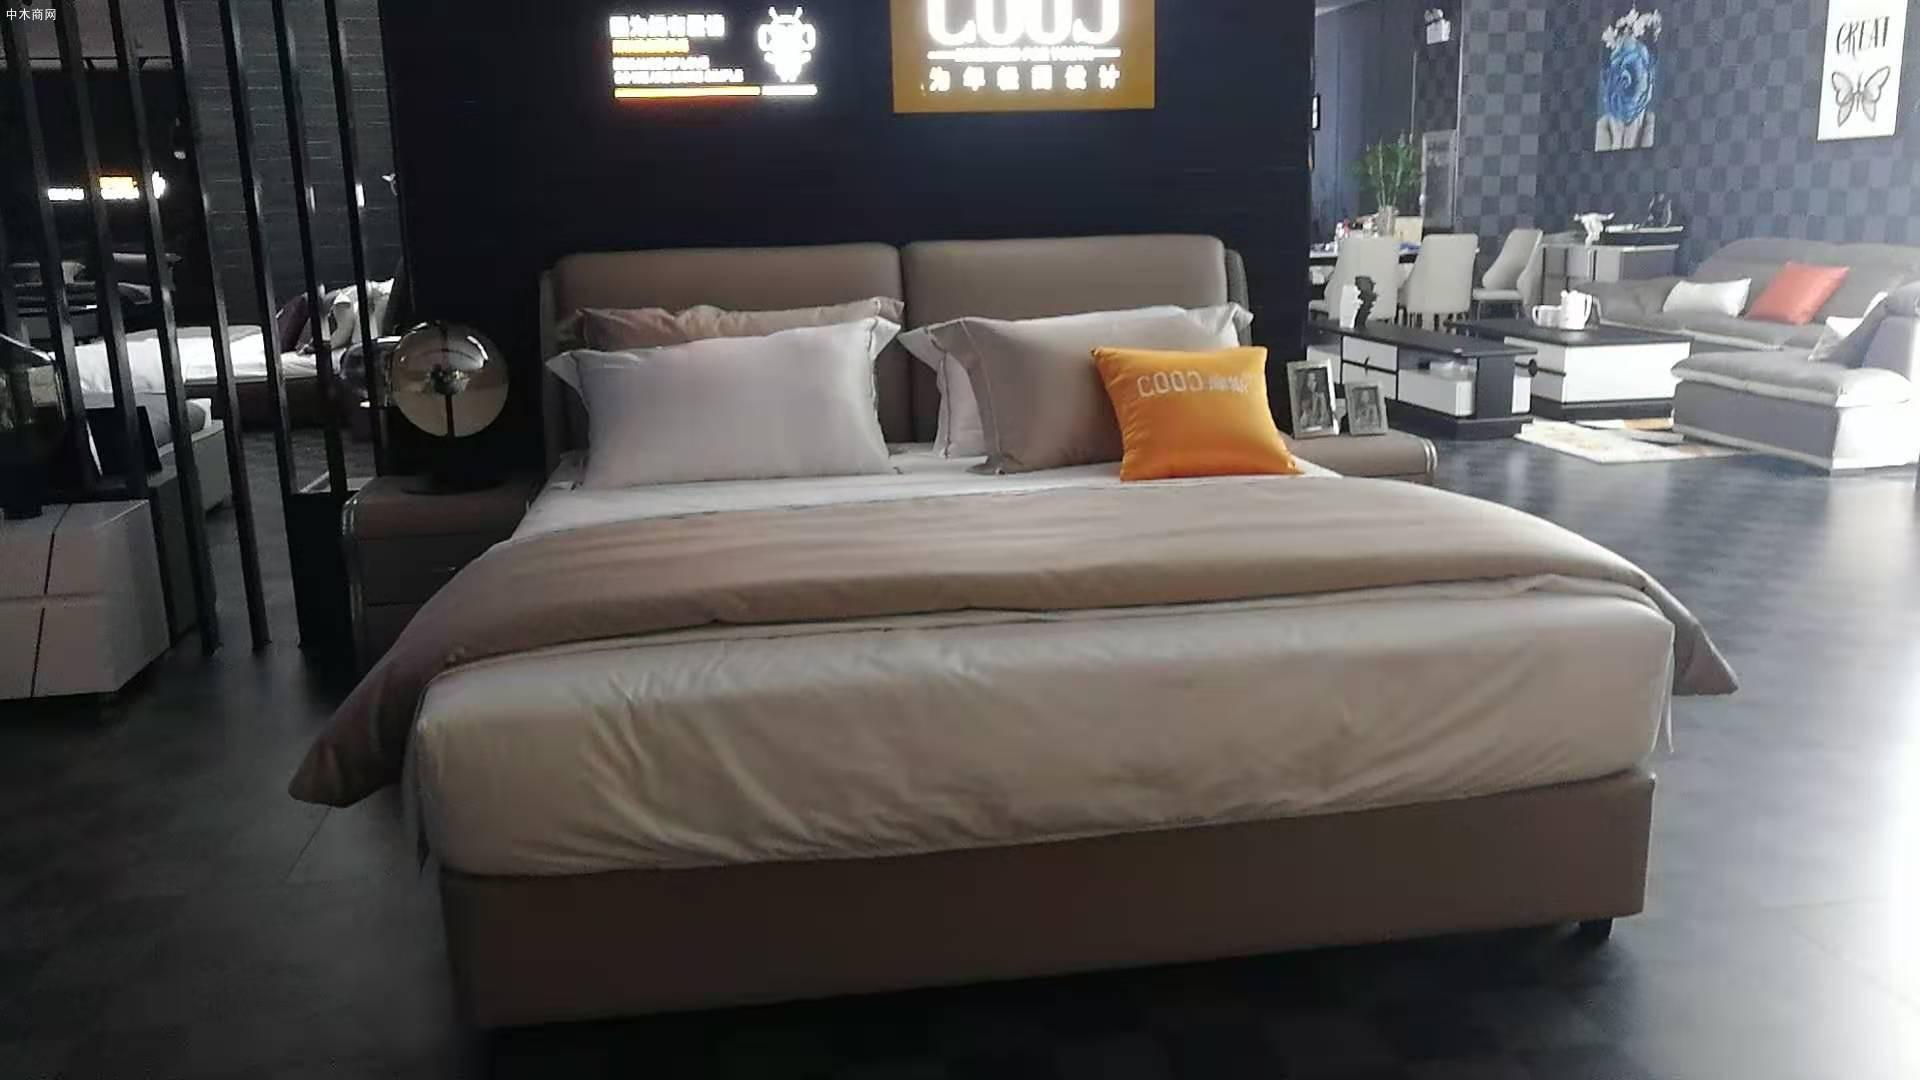 宜昌软床价格及图片厂家